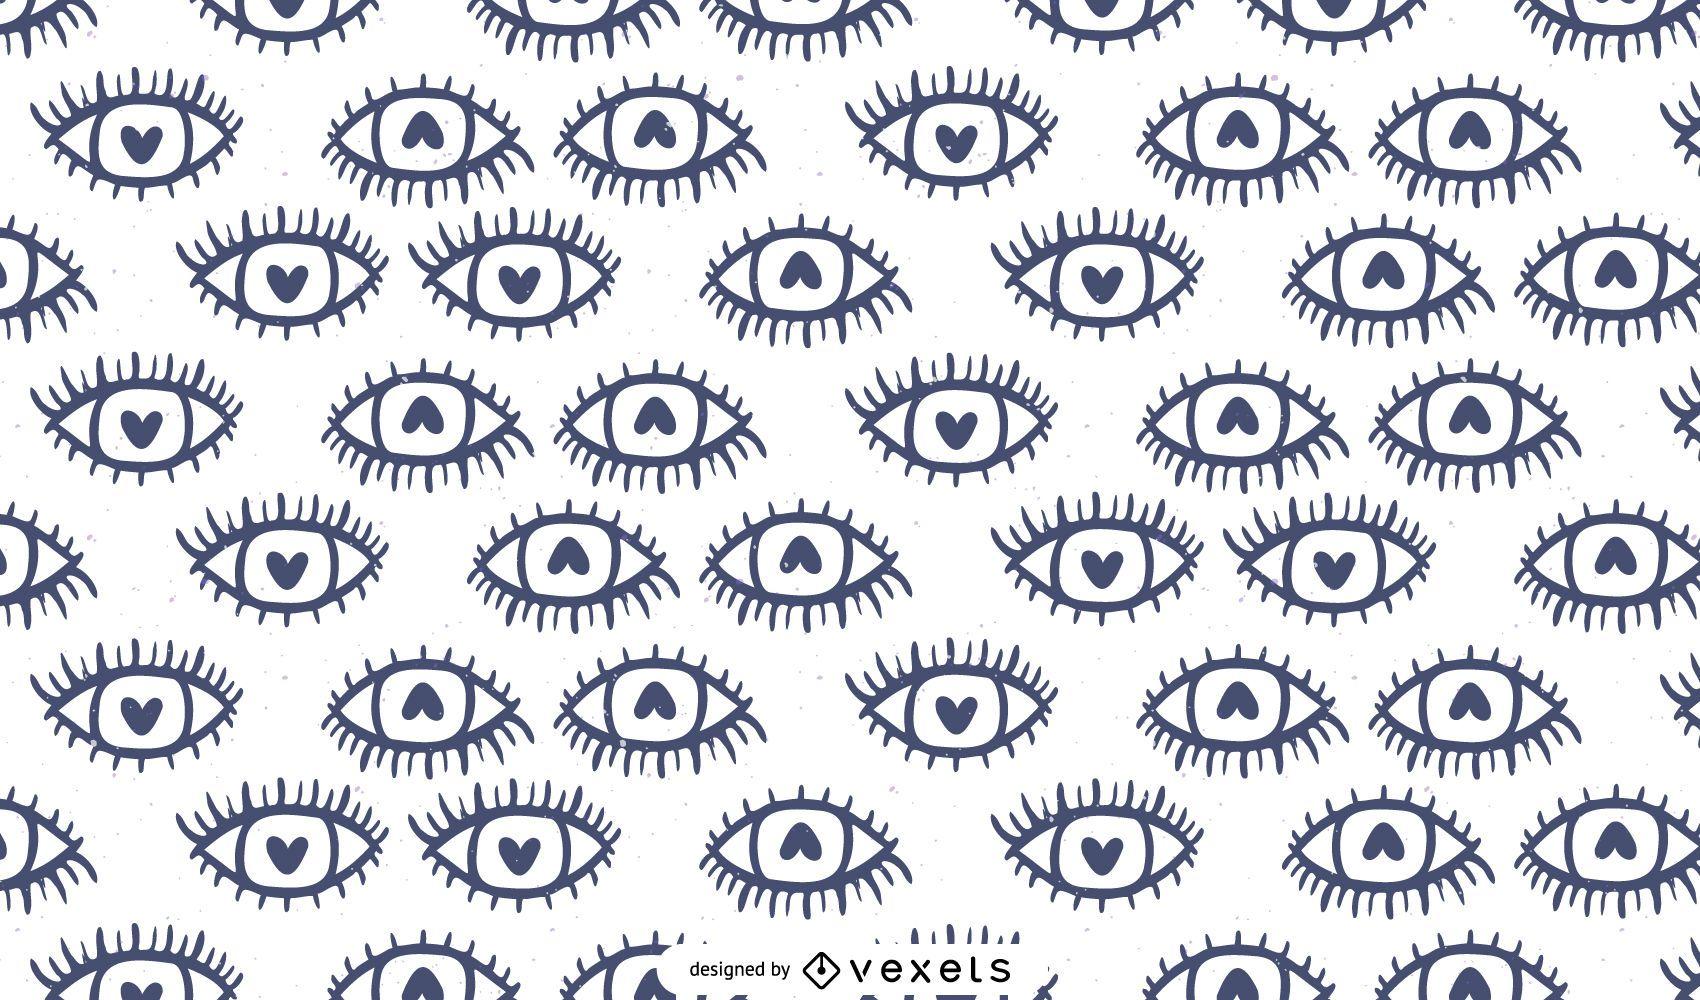 Diseño de patrón de ojos de corazón